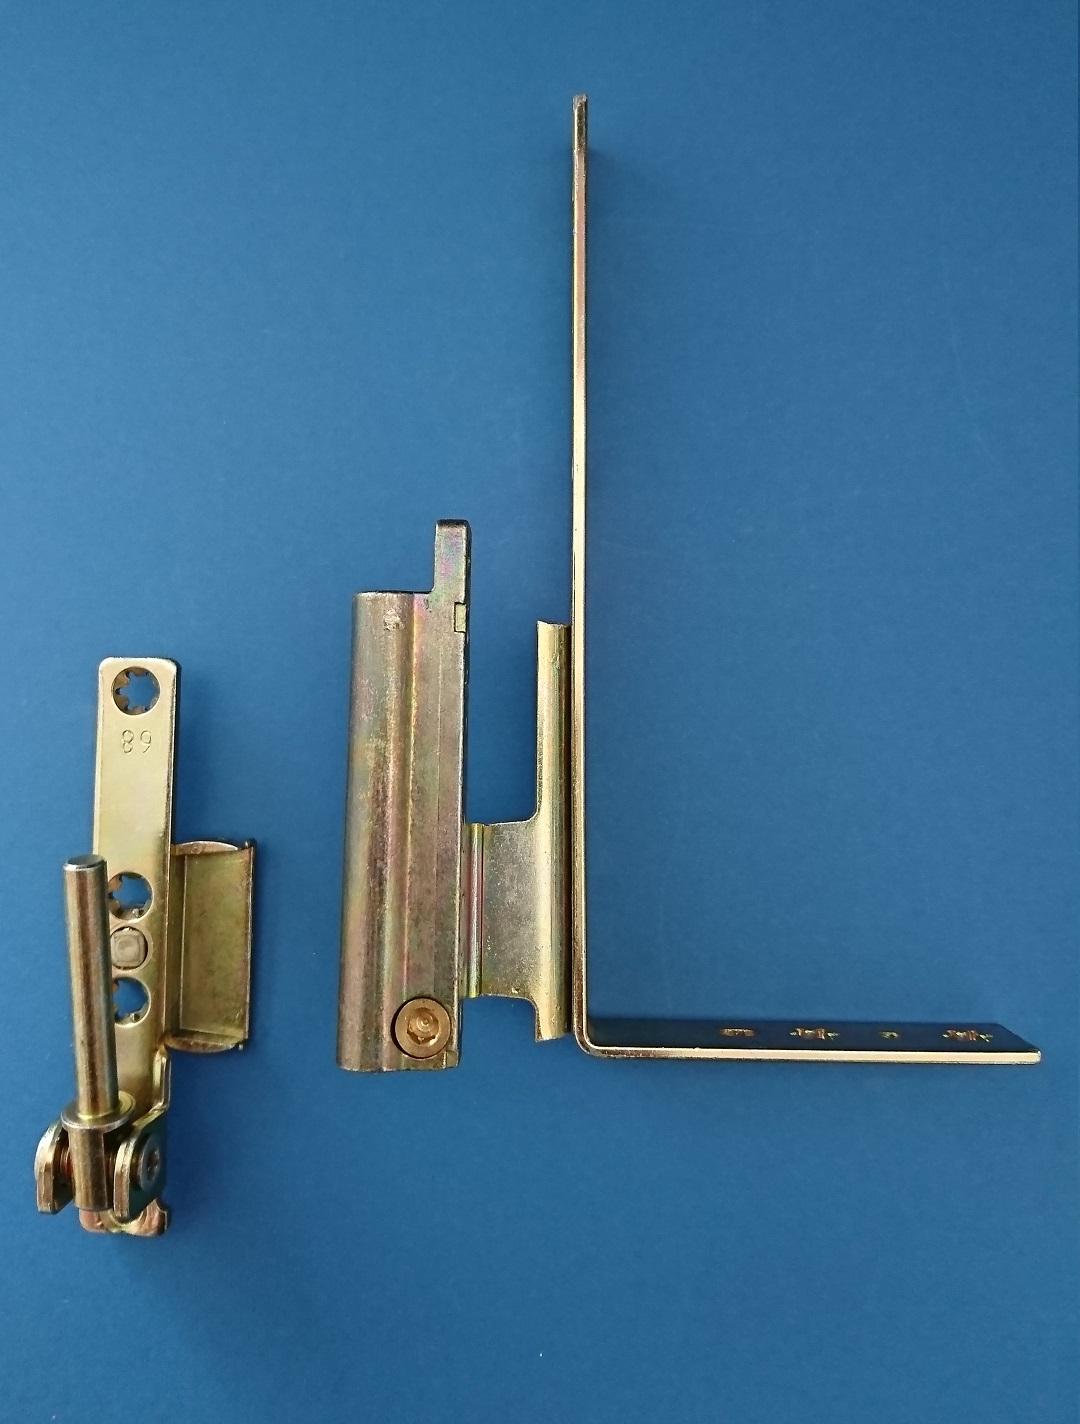 Sehr AUBI EB 320 & EW 320 Reparatur Scharnier DIN LS oder Rs für Holz RT05